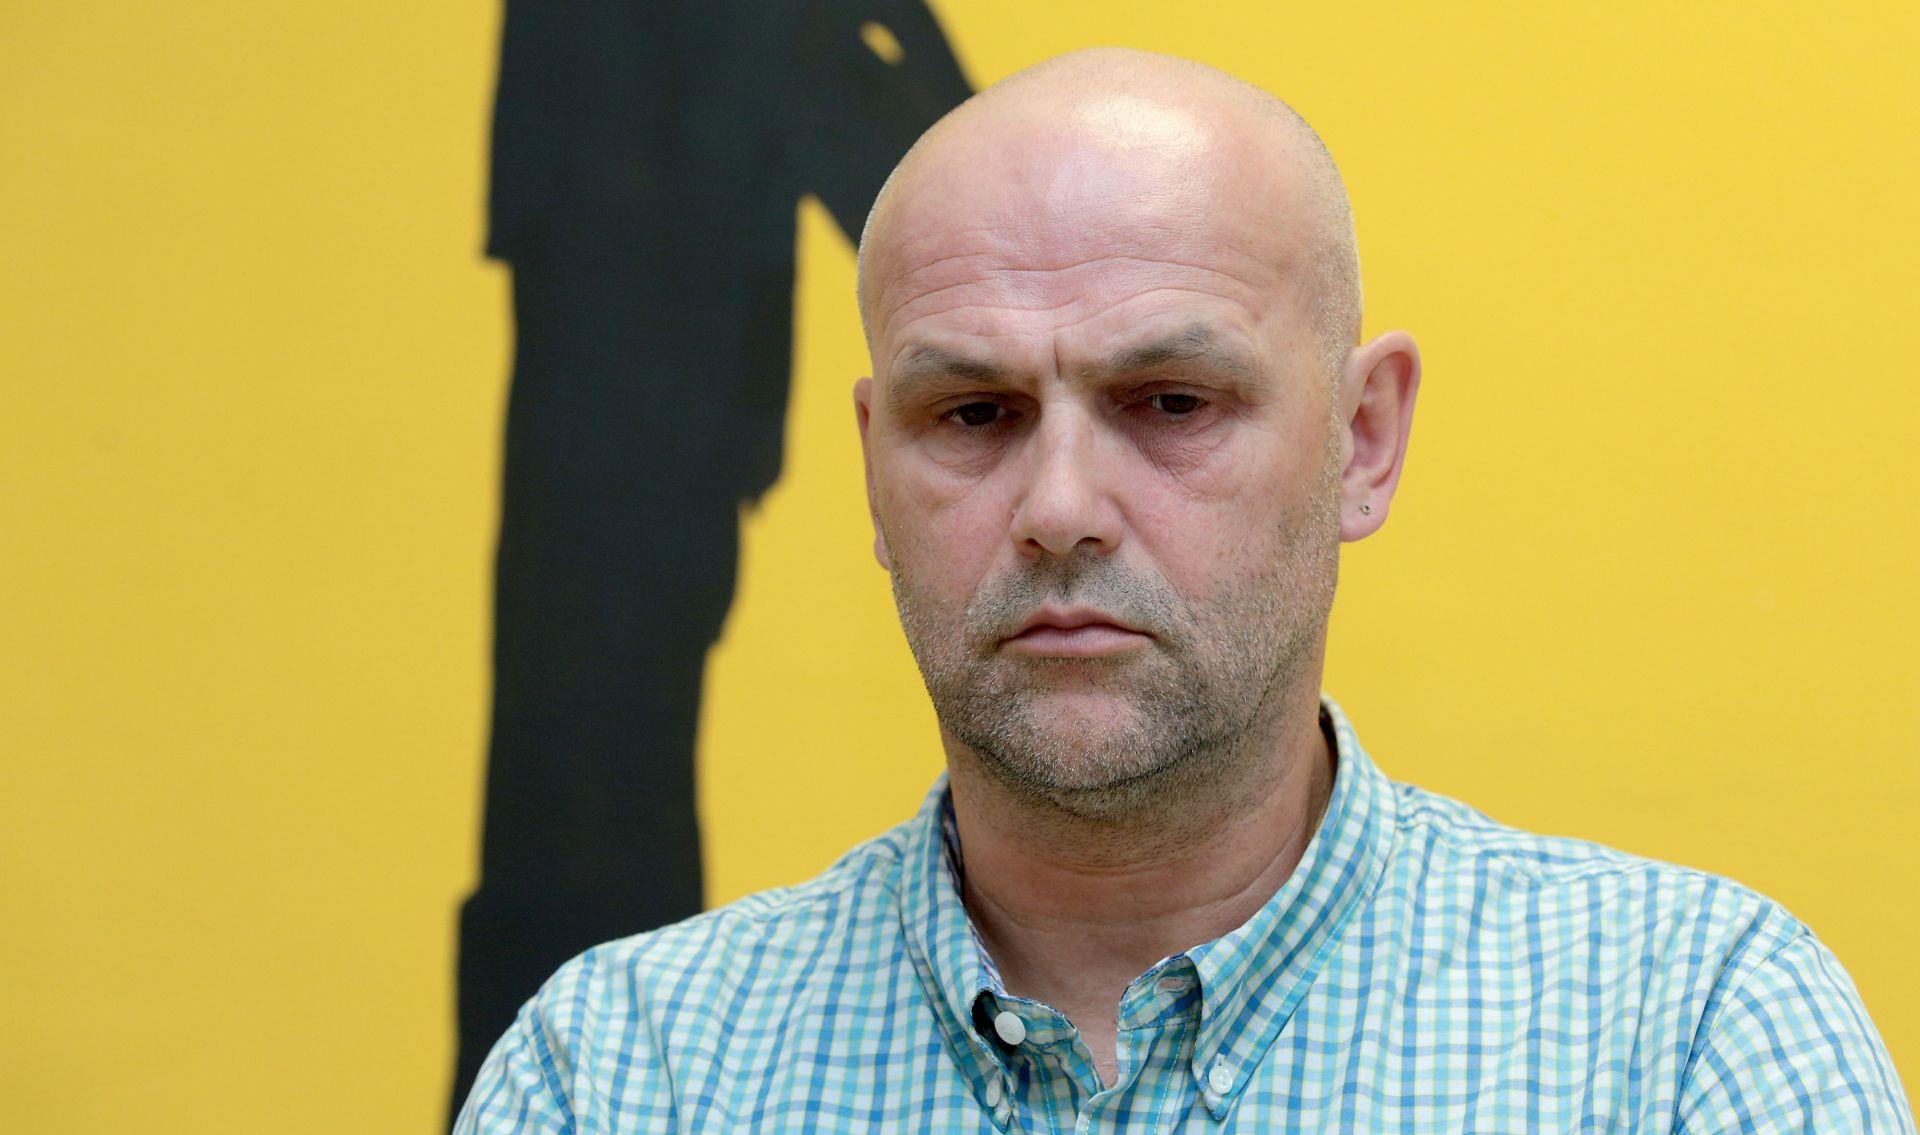 HND osudio uvredljivo ponašanje Bandića prema novinarki